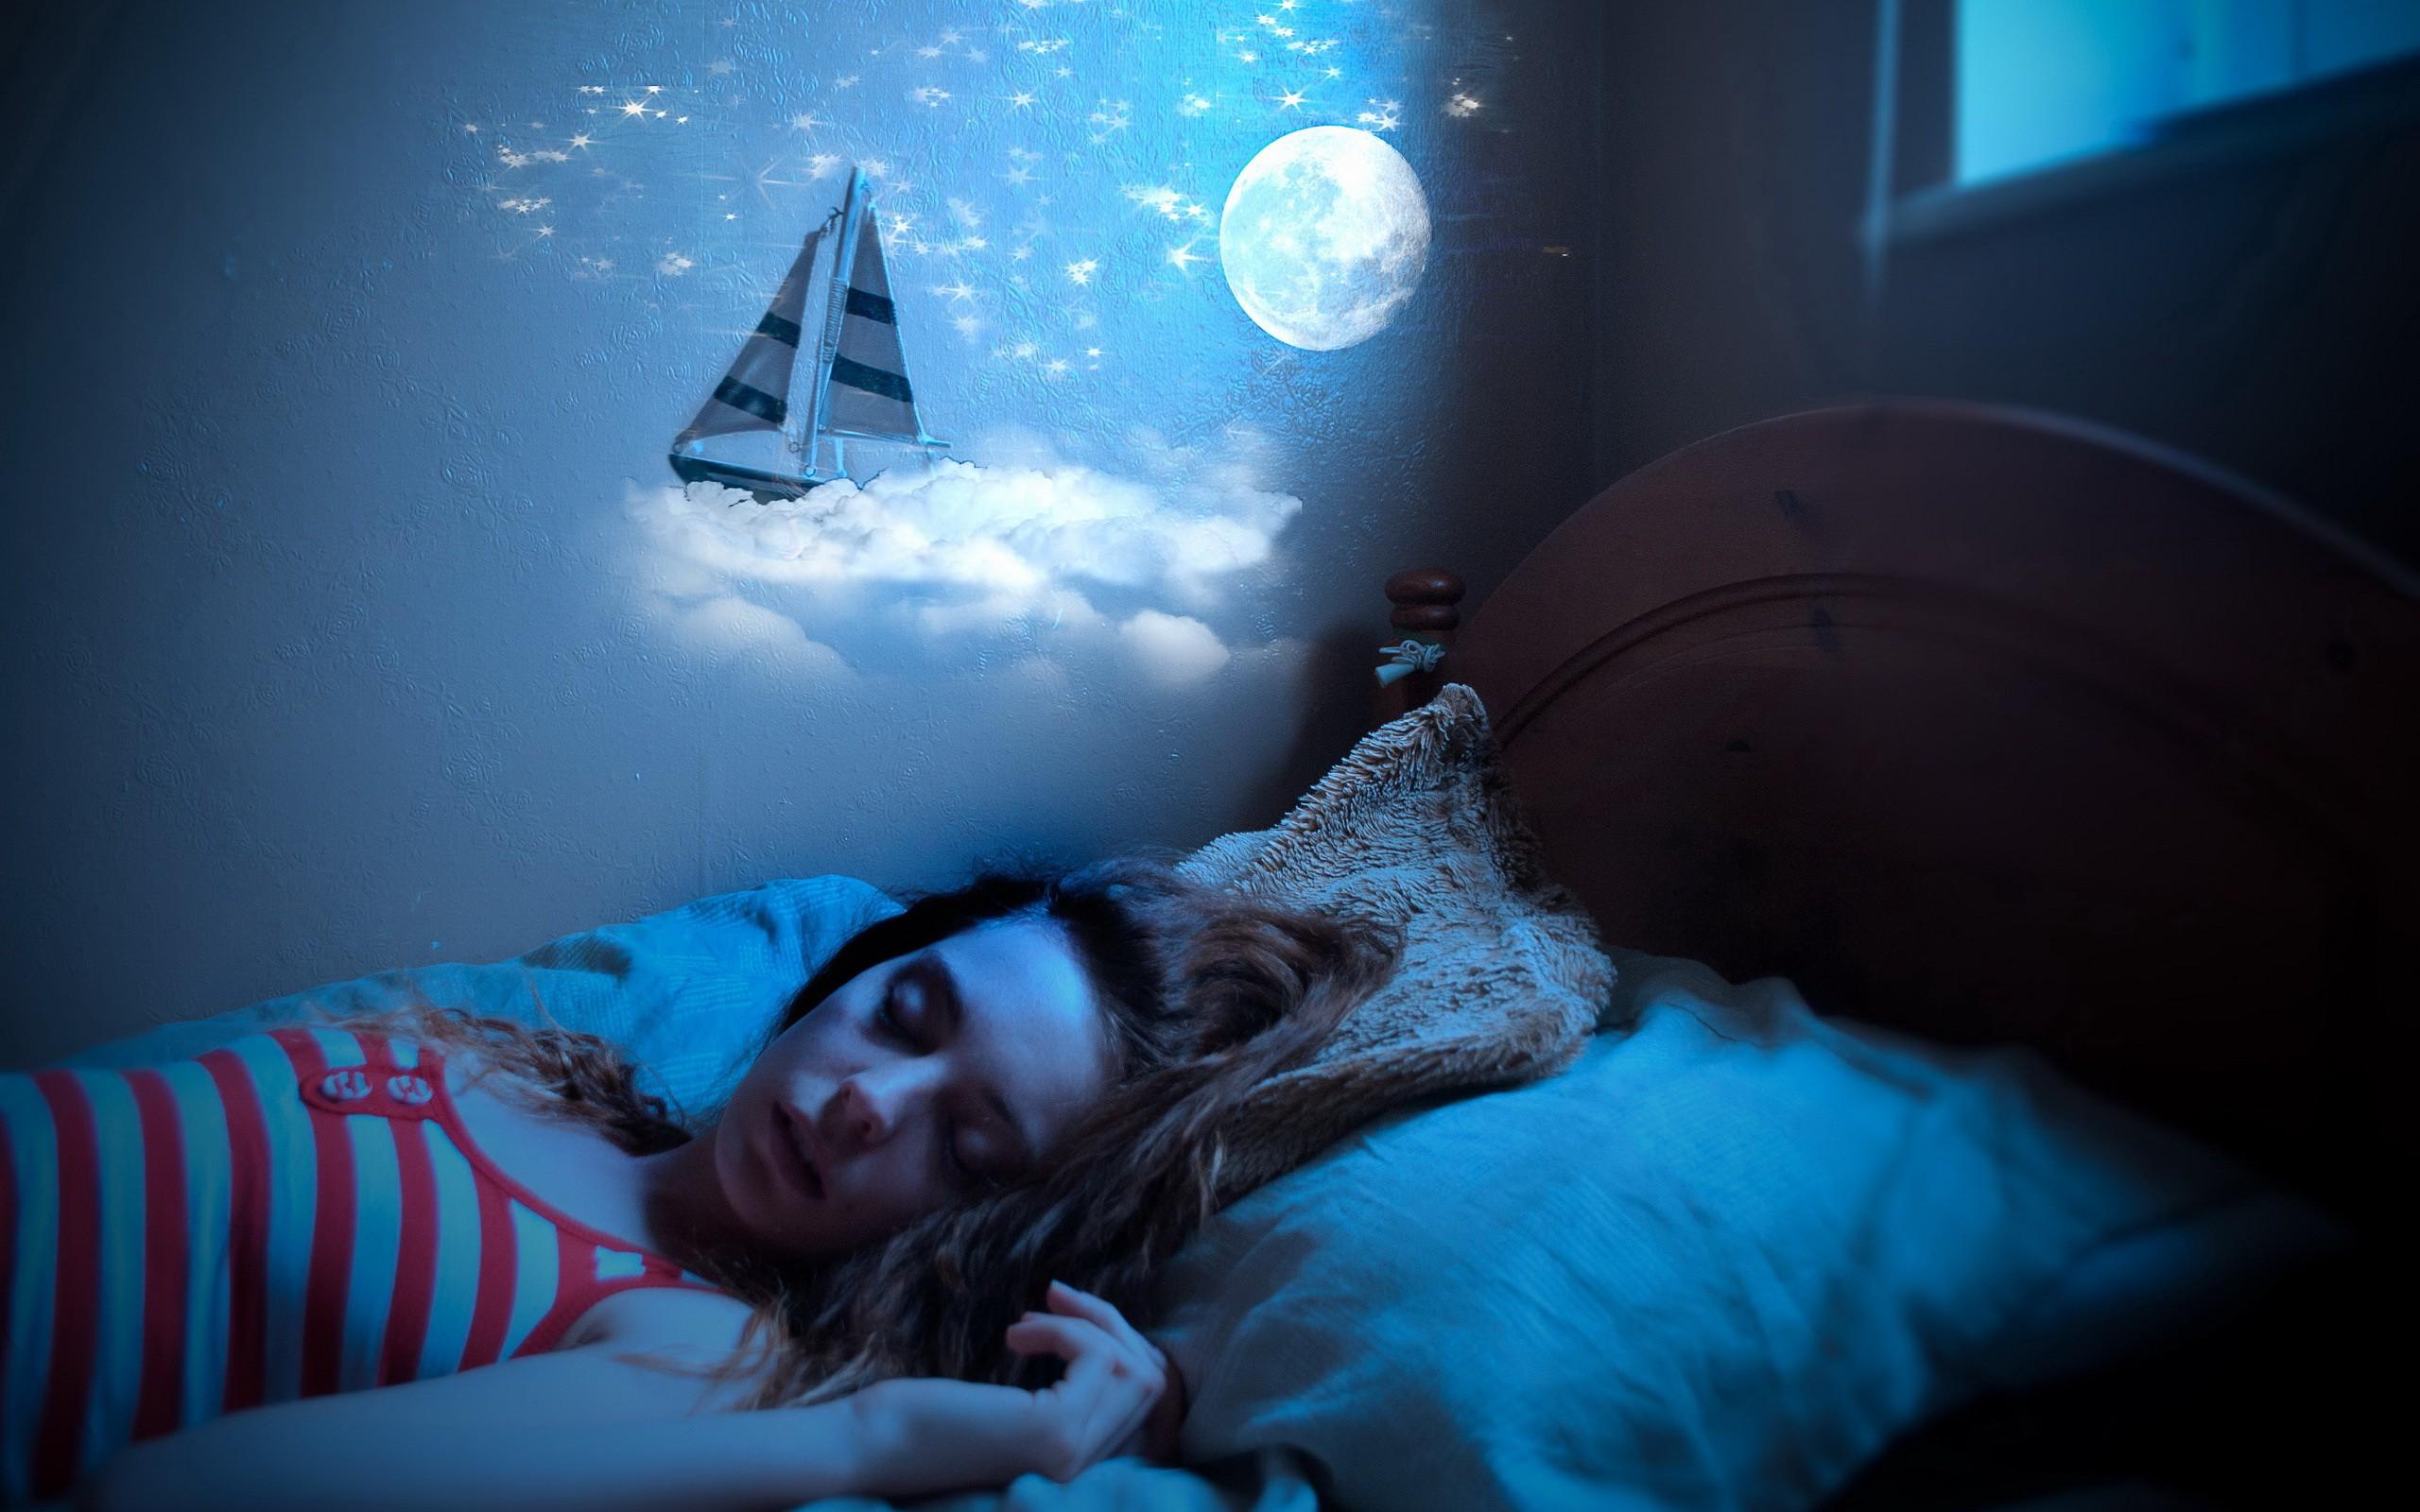 почему когда спишь на спине либо с какой или не укрытой частью тела то снятся кошмары